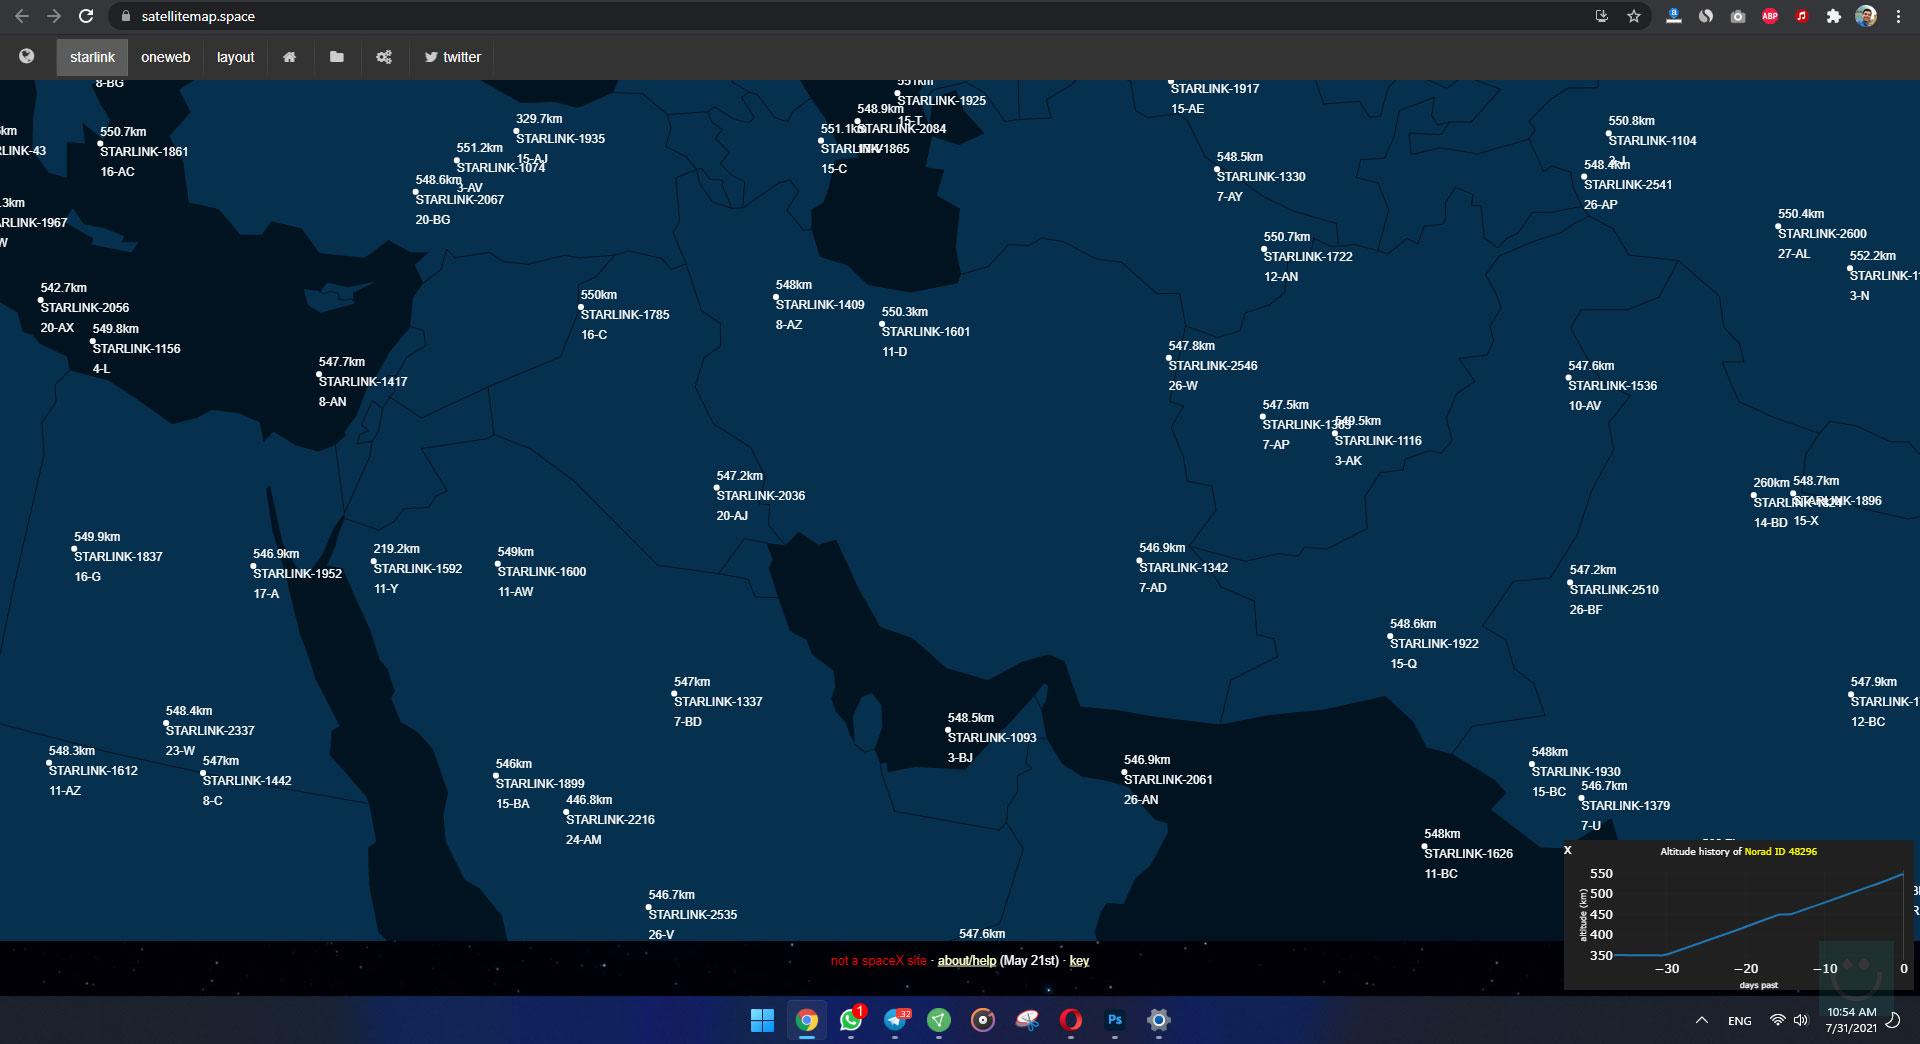 اینترنت ماهواره ای Starlink در شهرهای ایران: مشهد، تهران، اصفهان، اهواز، تبریز، سیستان و بلوچستان و …